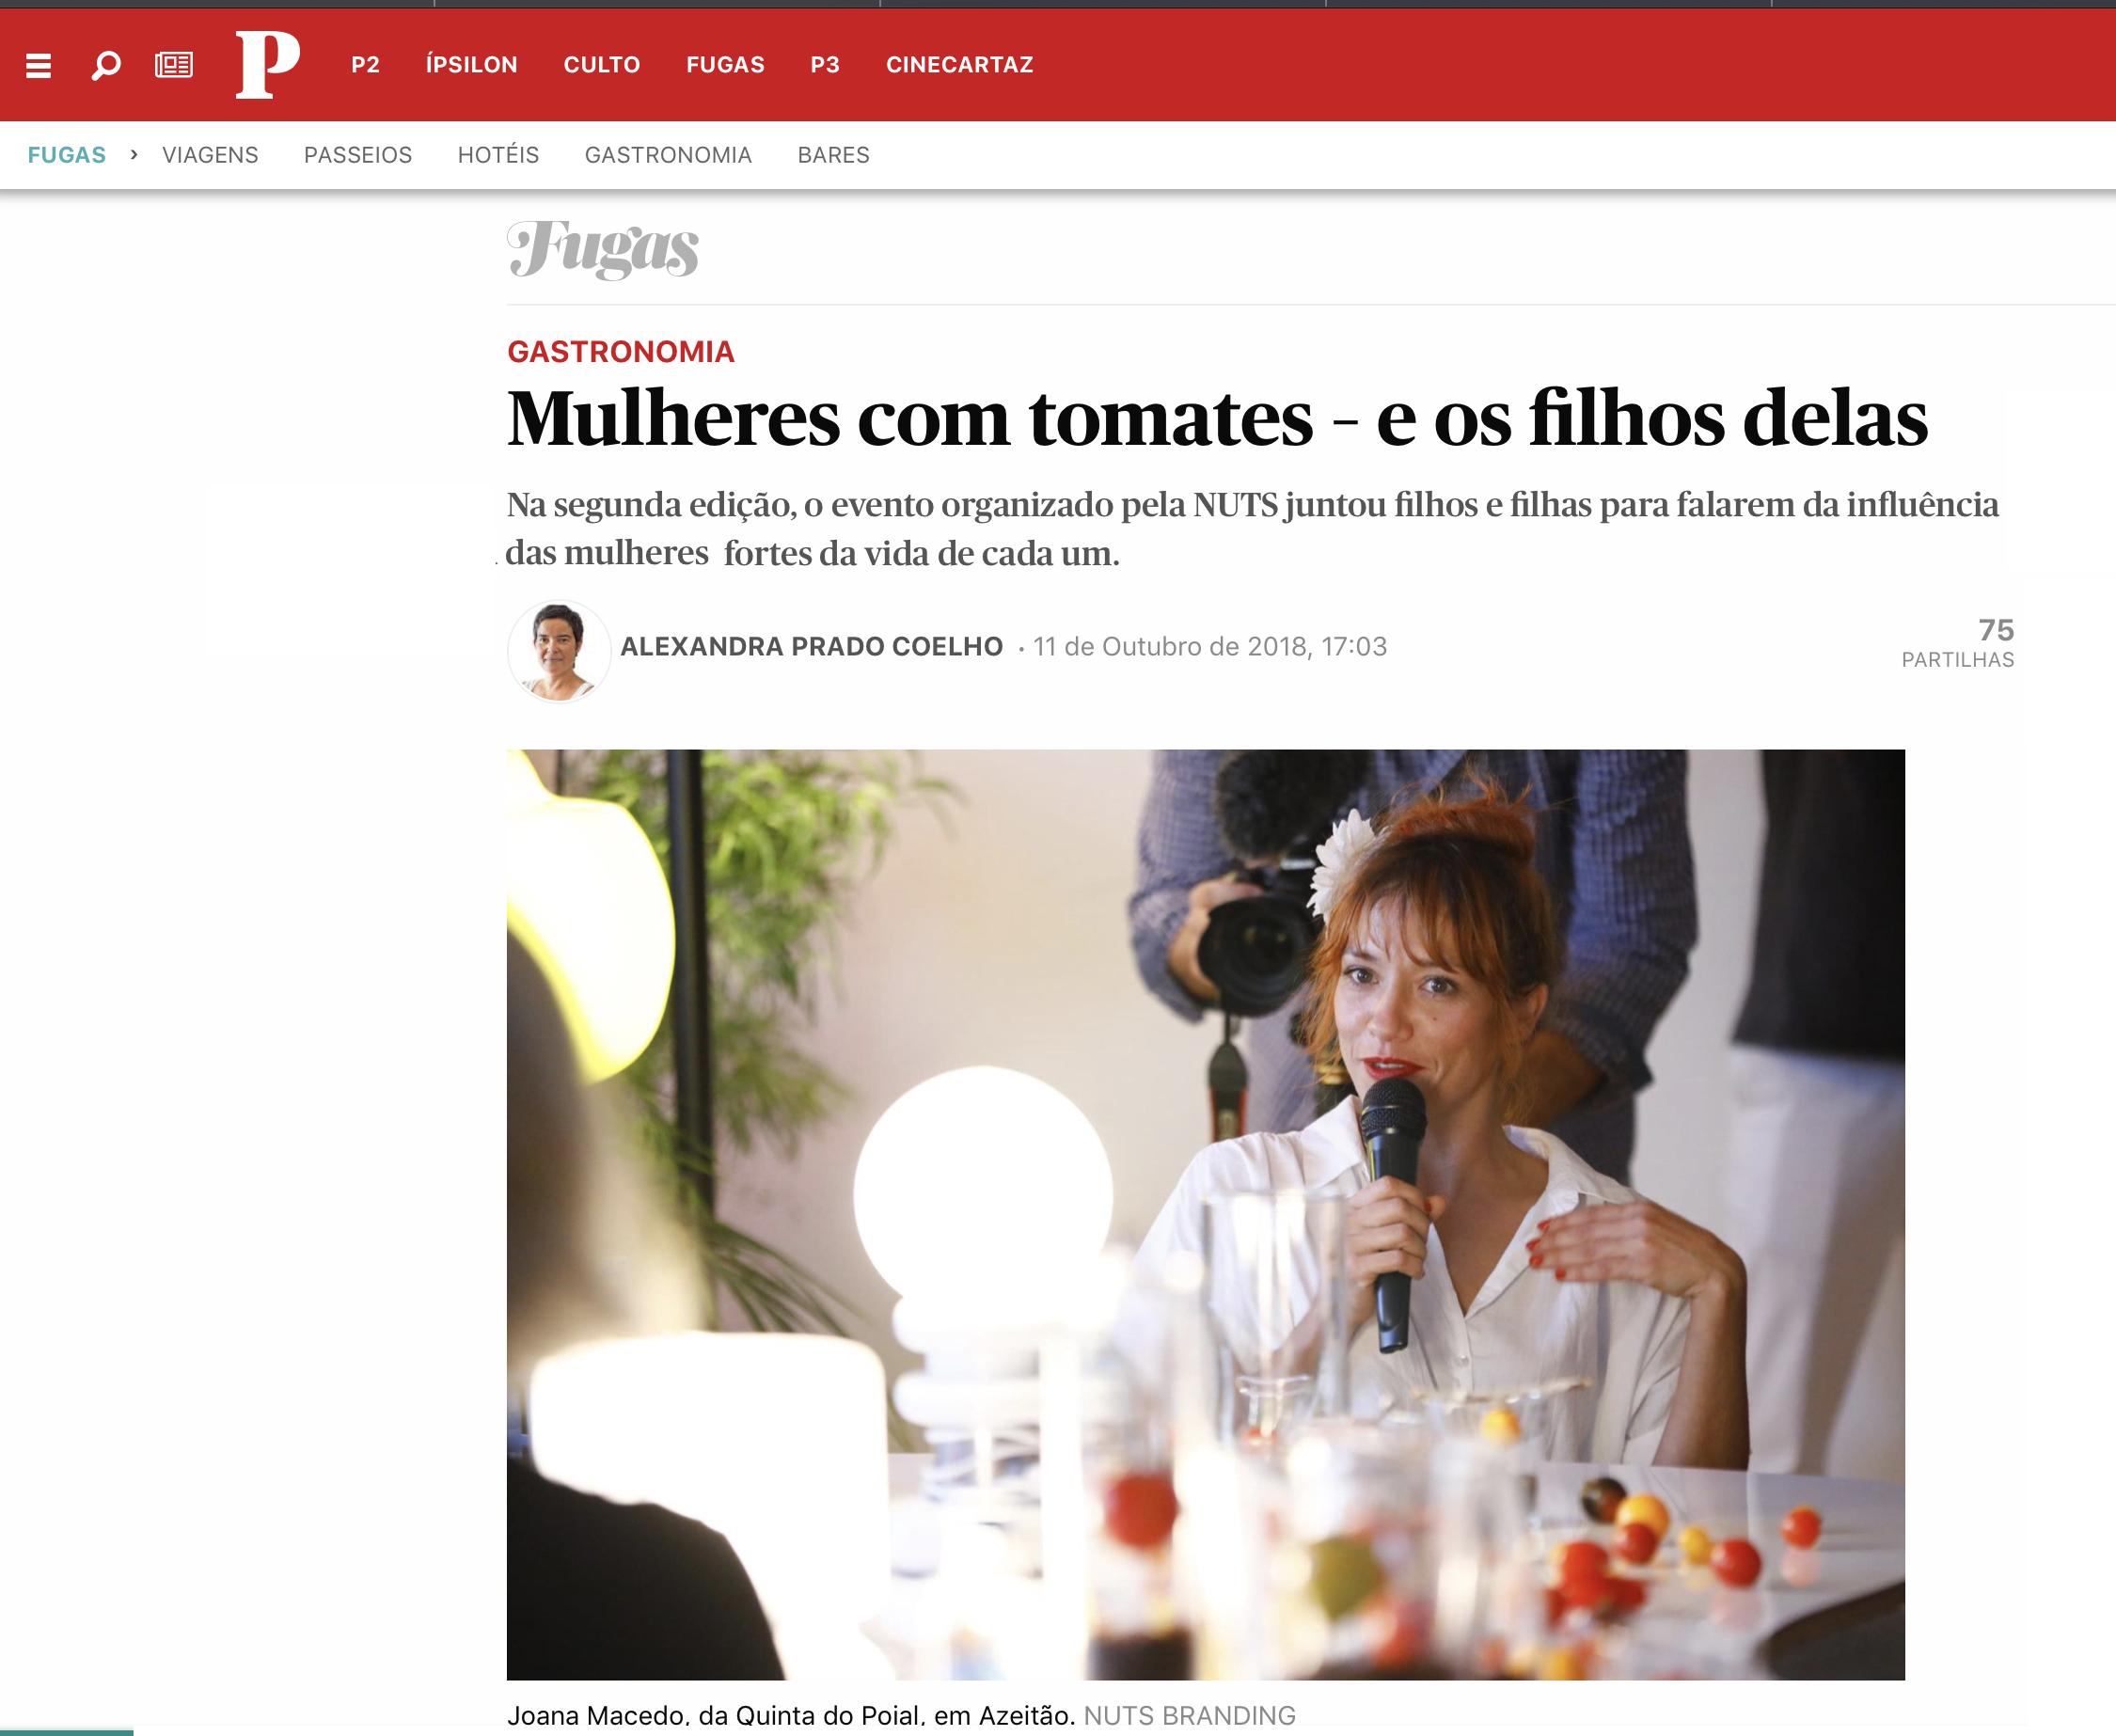 O artigo no Público pela jornalista Alexandra Prado Coelho